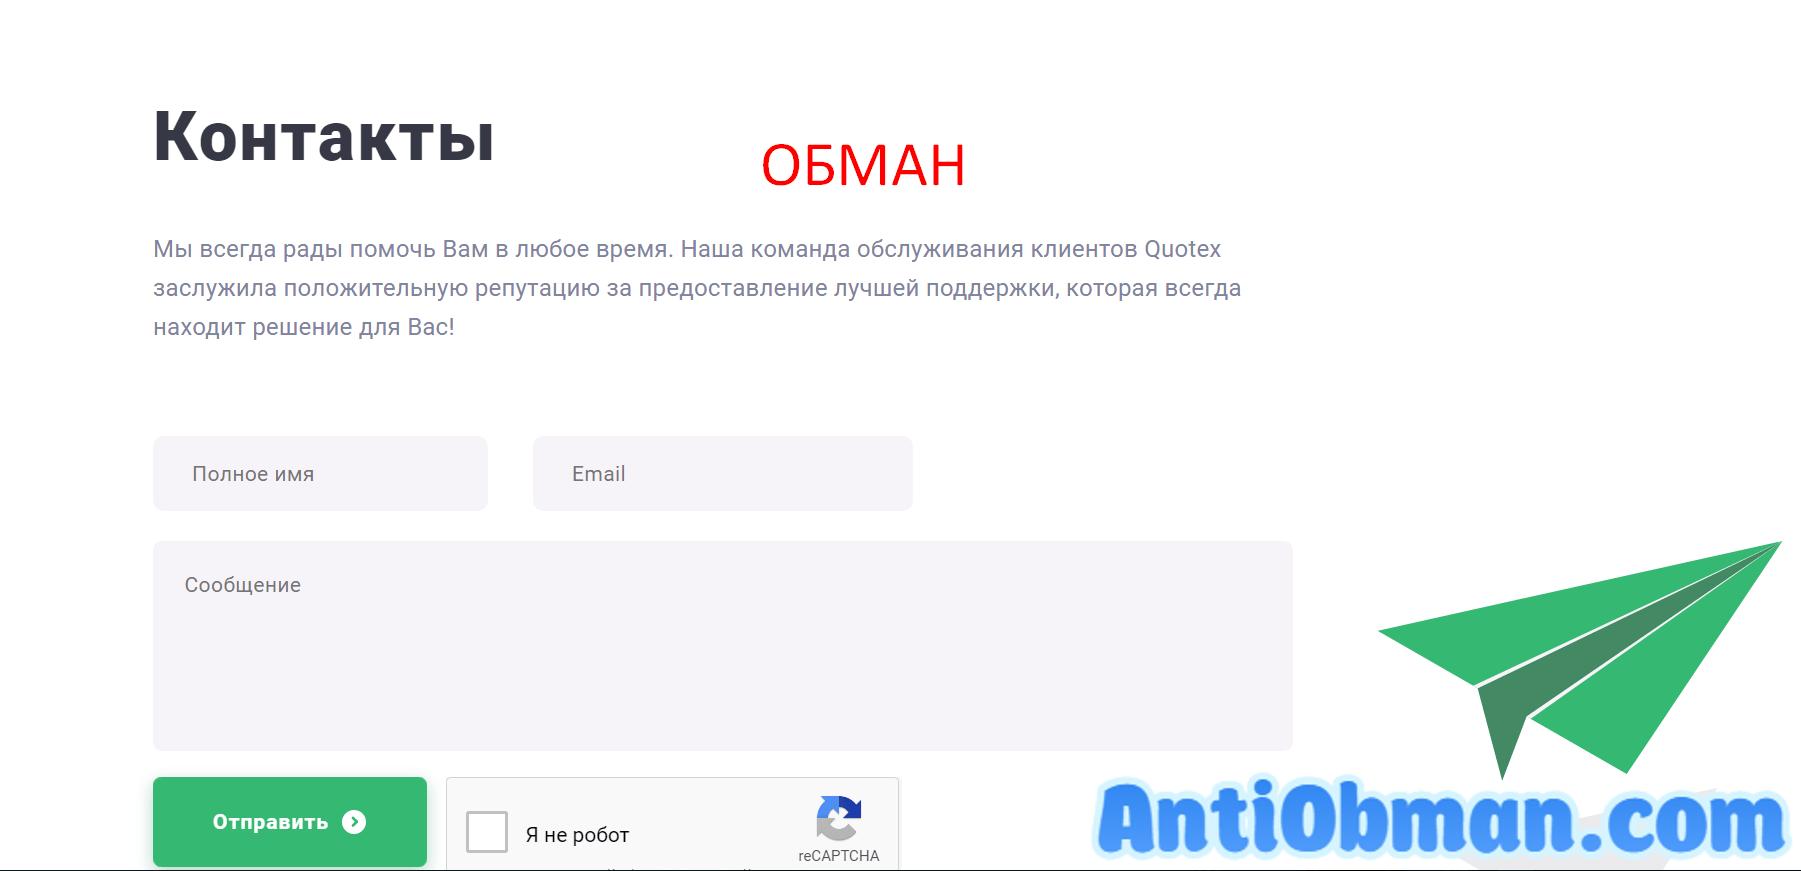 Quotex контакты